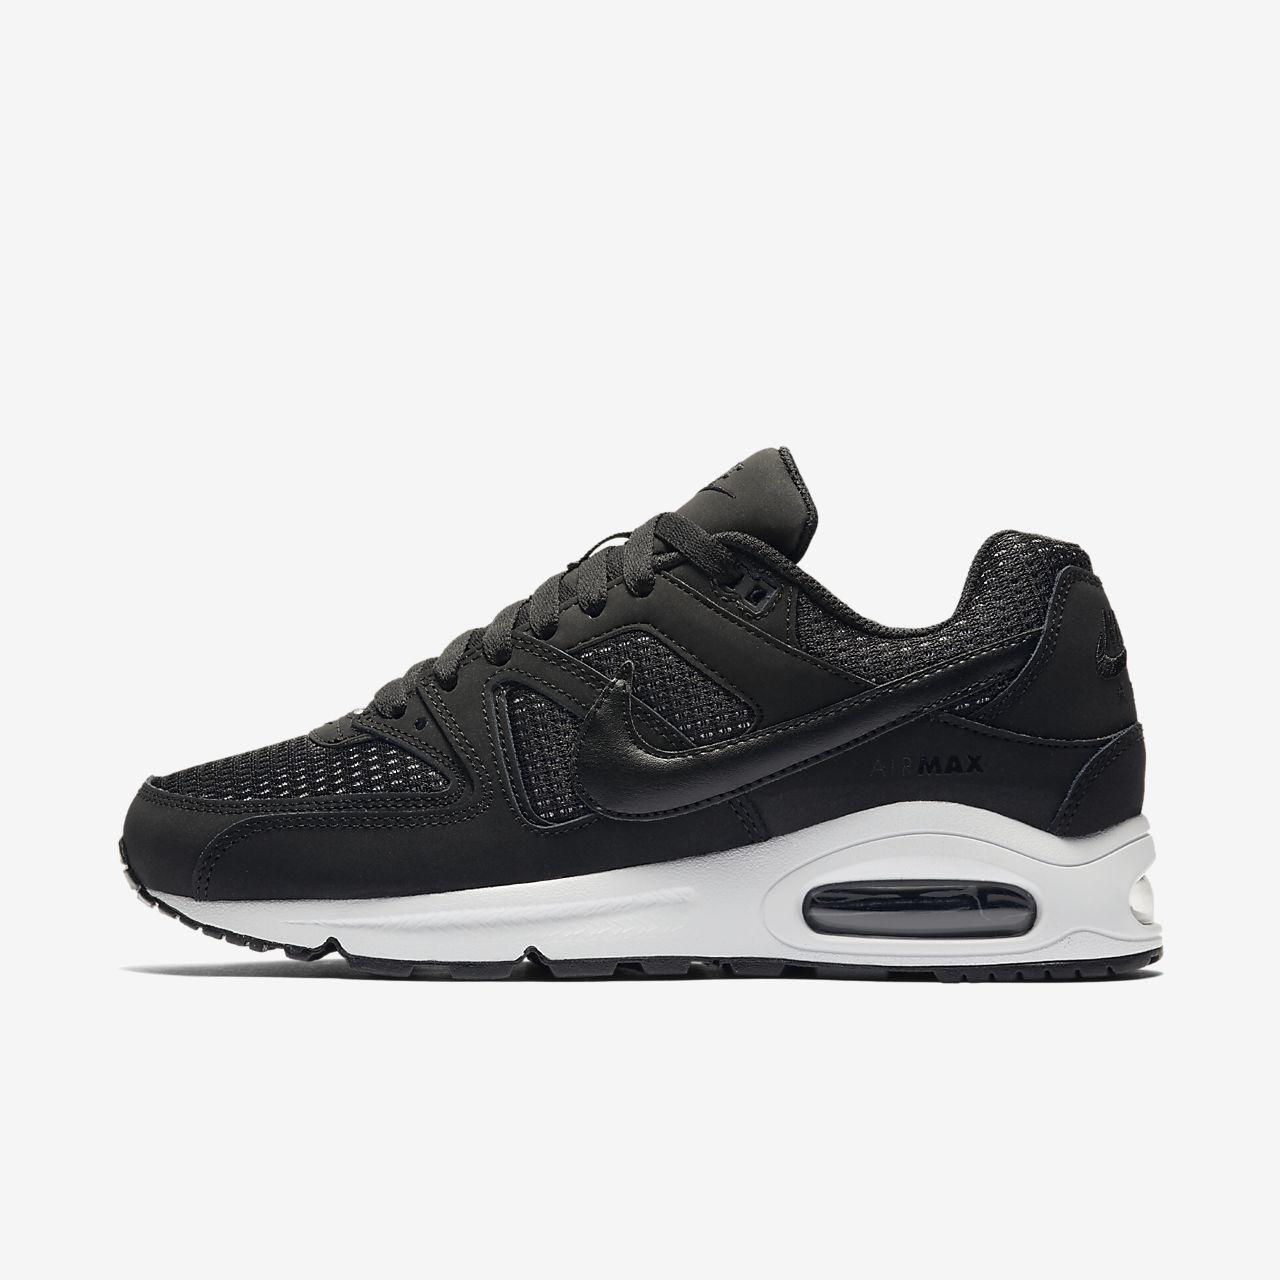 newest 1aafa 3431b ... Nike Air Max Command-sko til kvinder